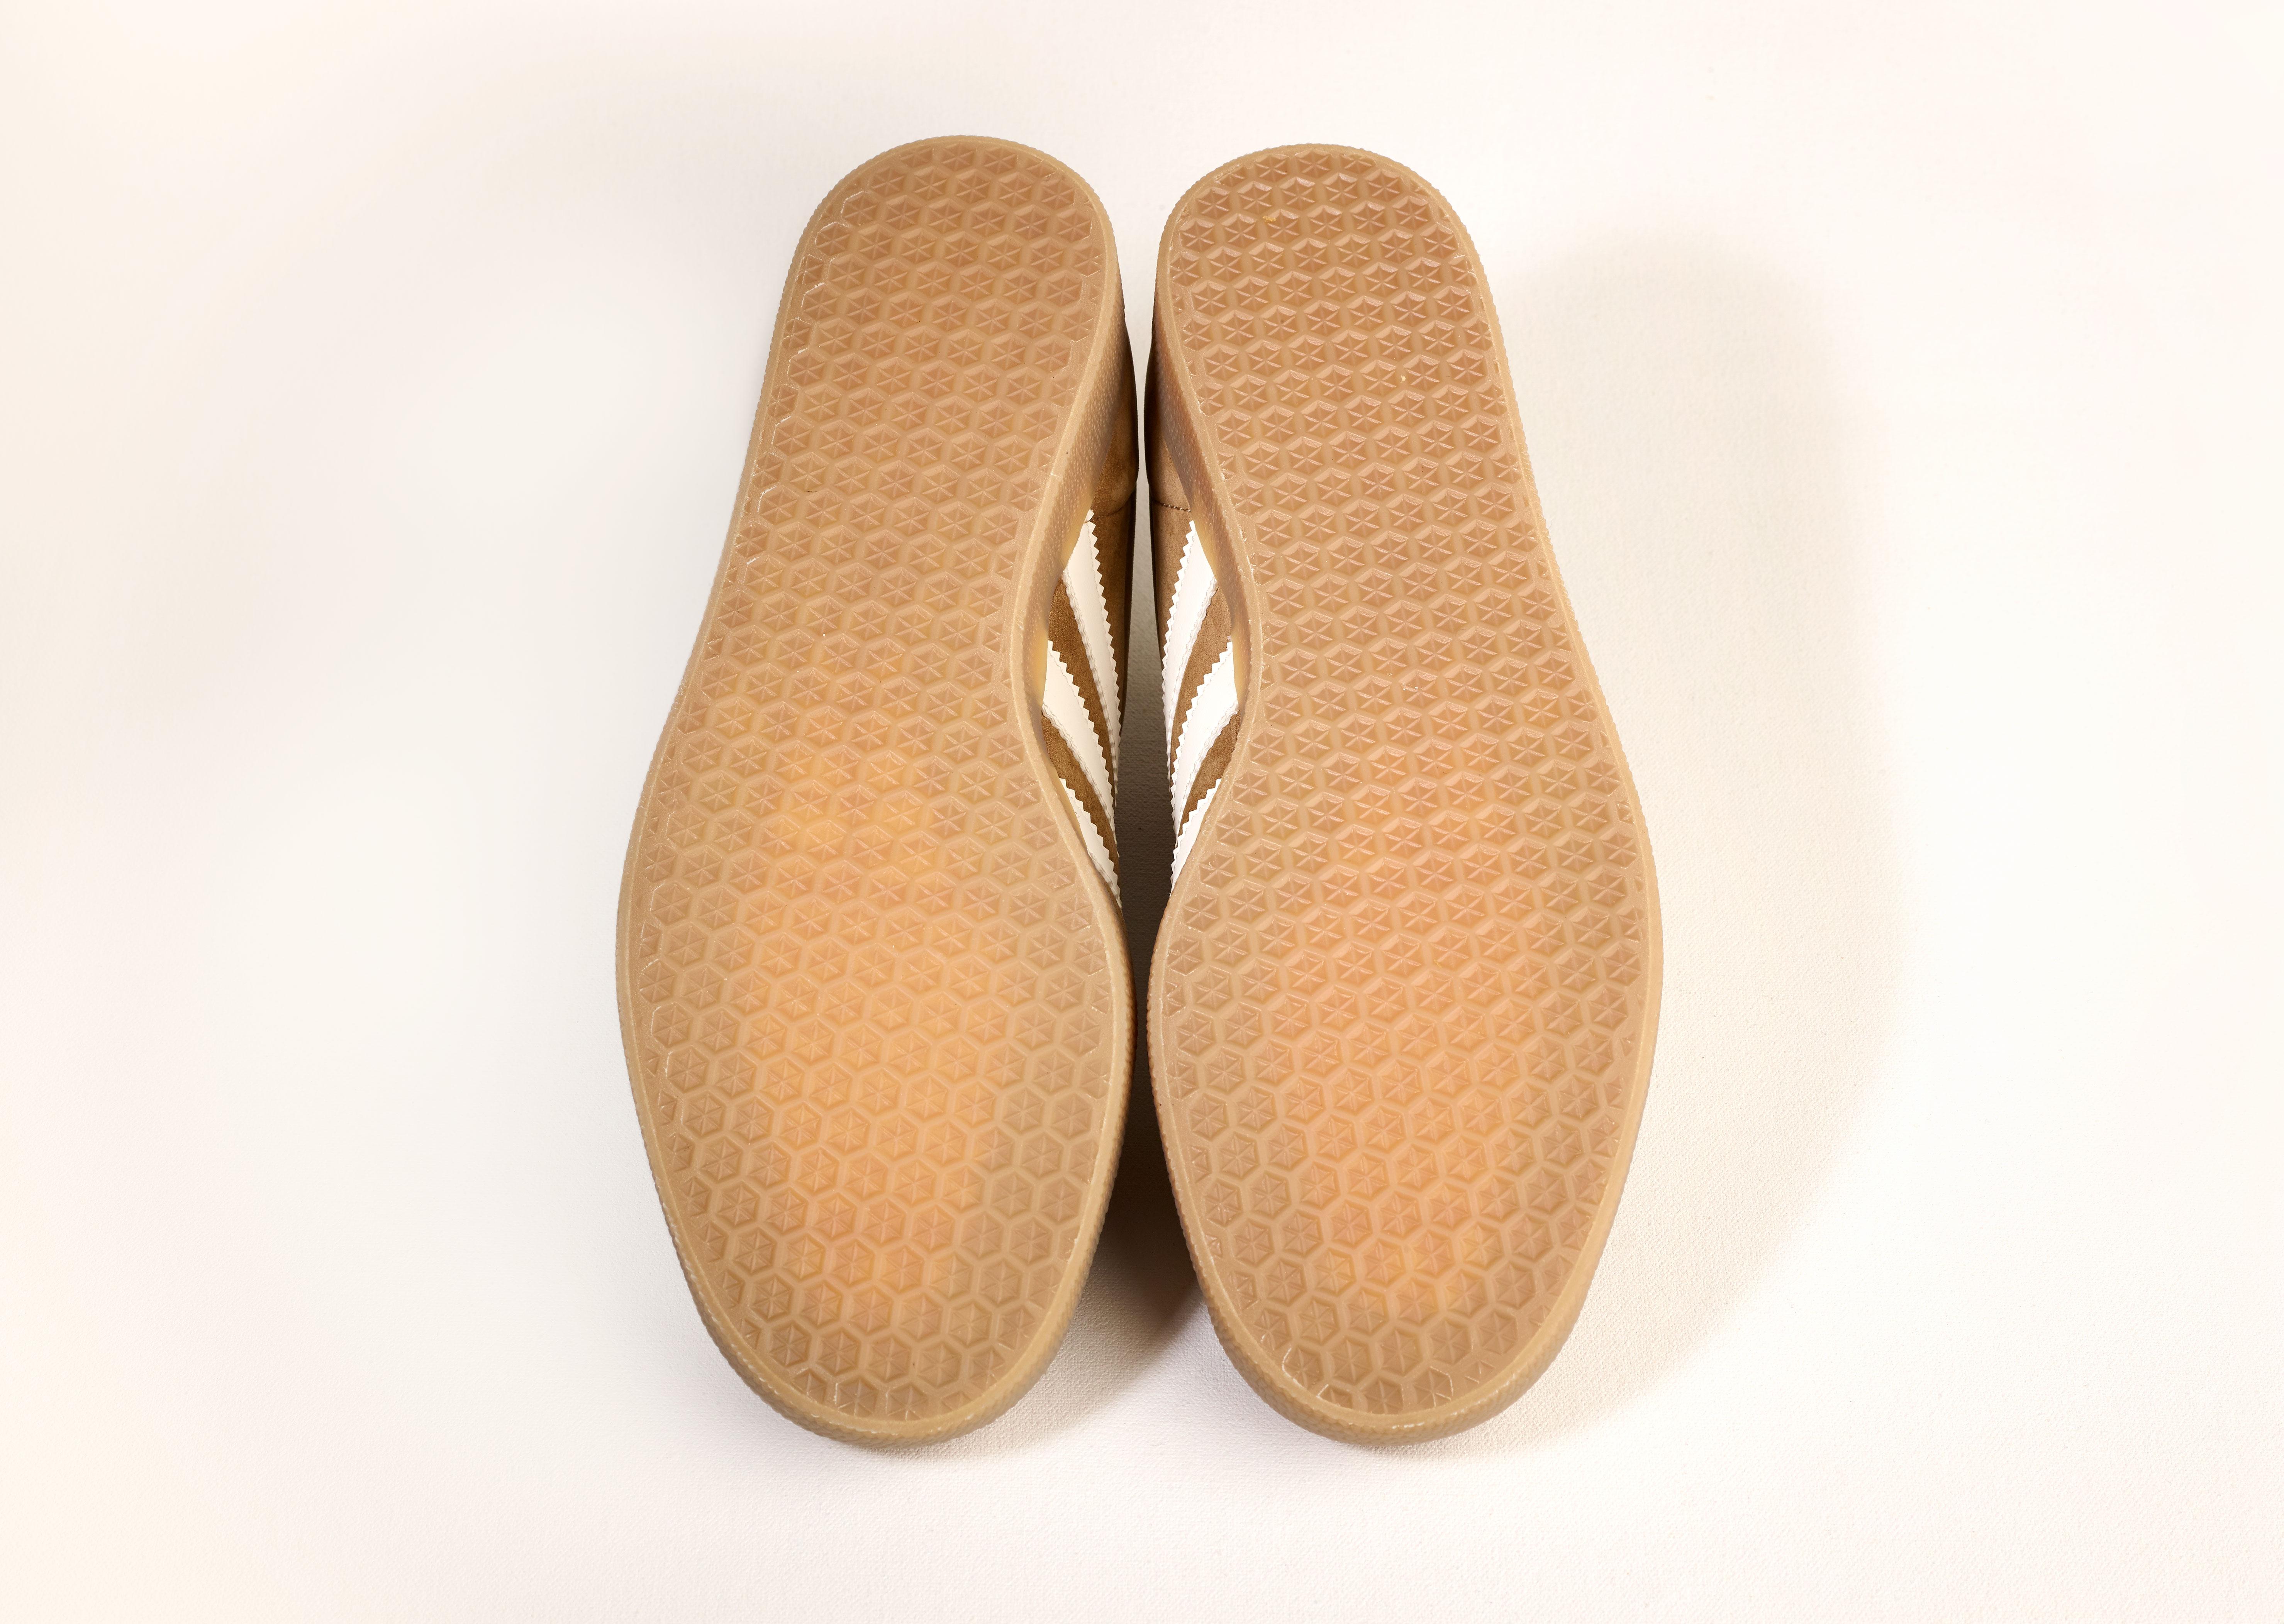 adidas Originals Archive Gazelle Super - size? Exclusive - size? blog